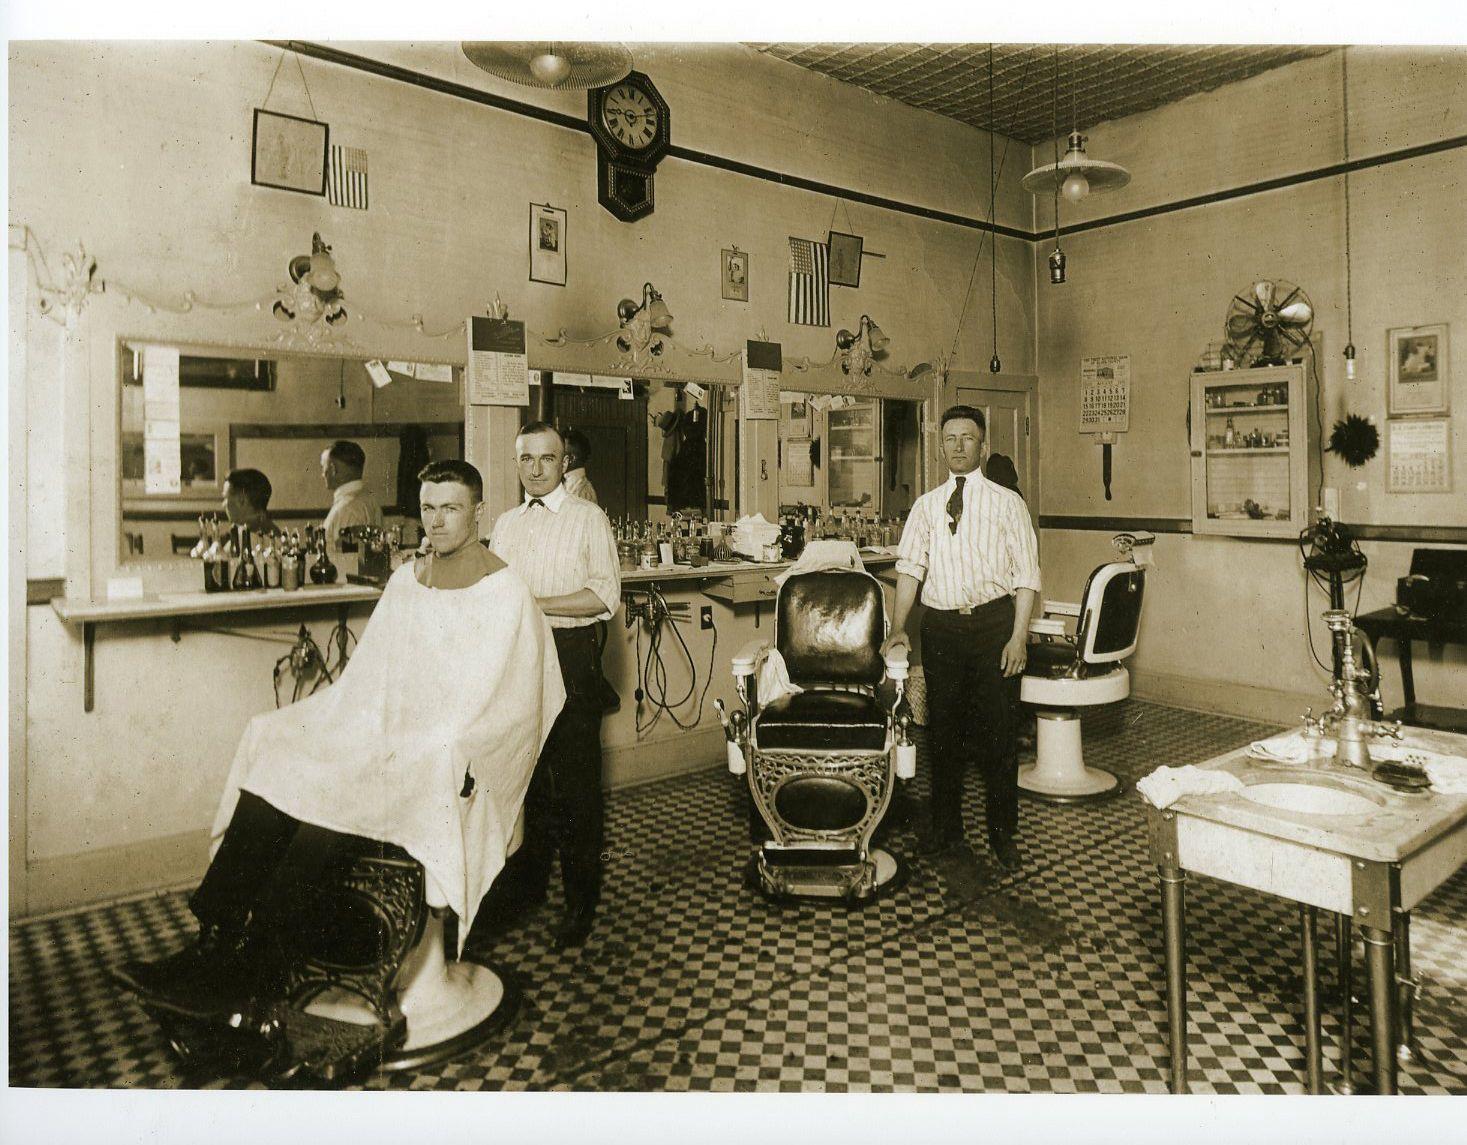 Barber Shop Sink Ebay Friseursalon Vintage Shops